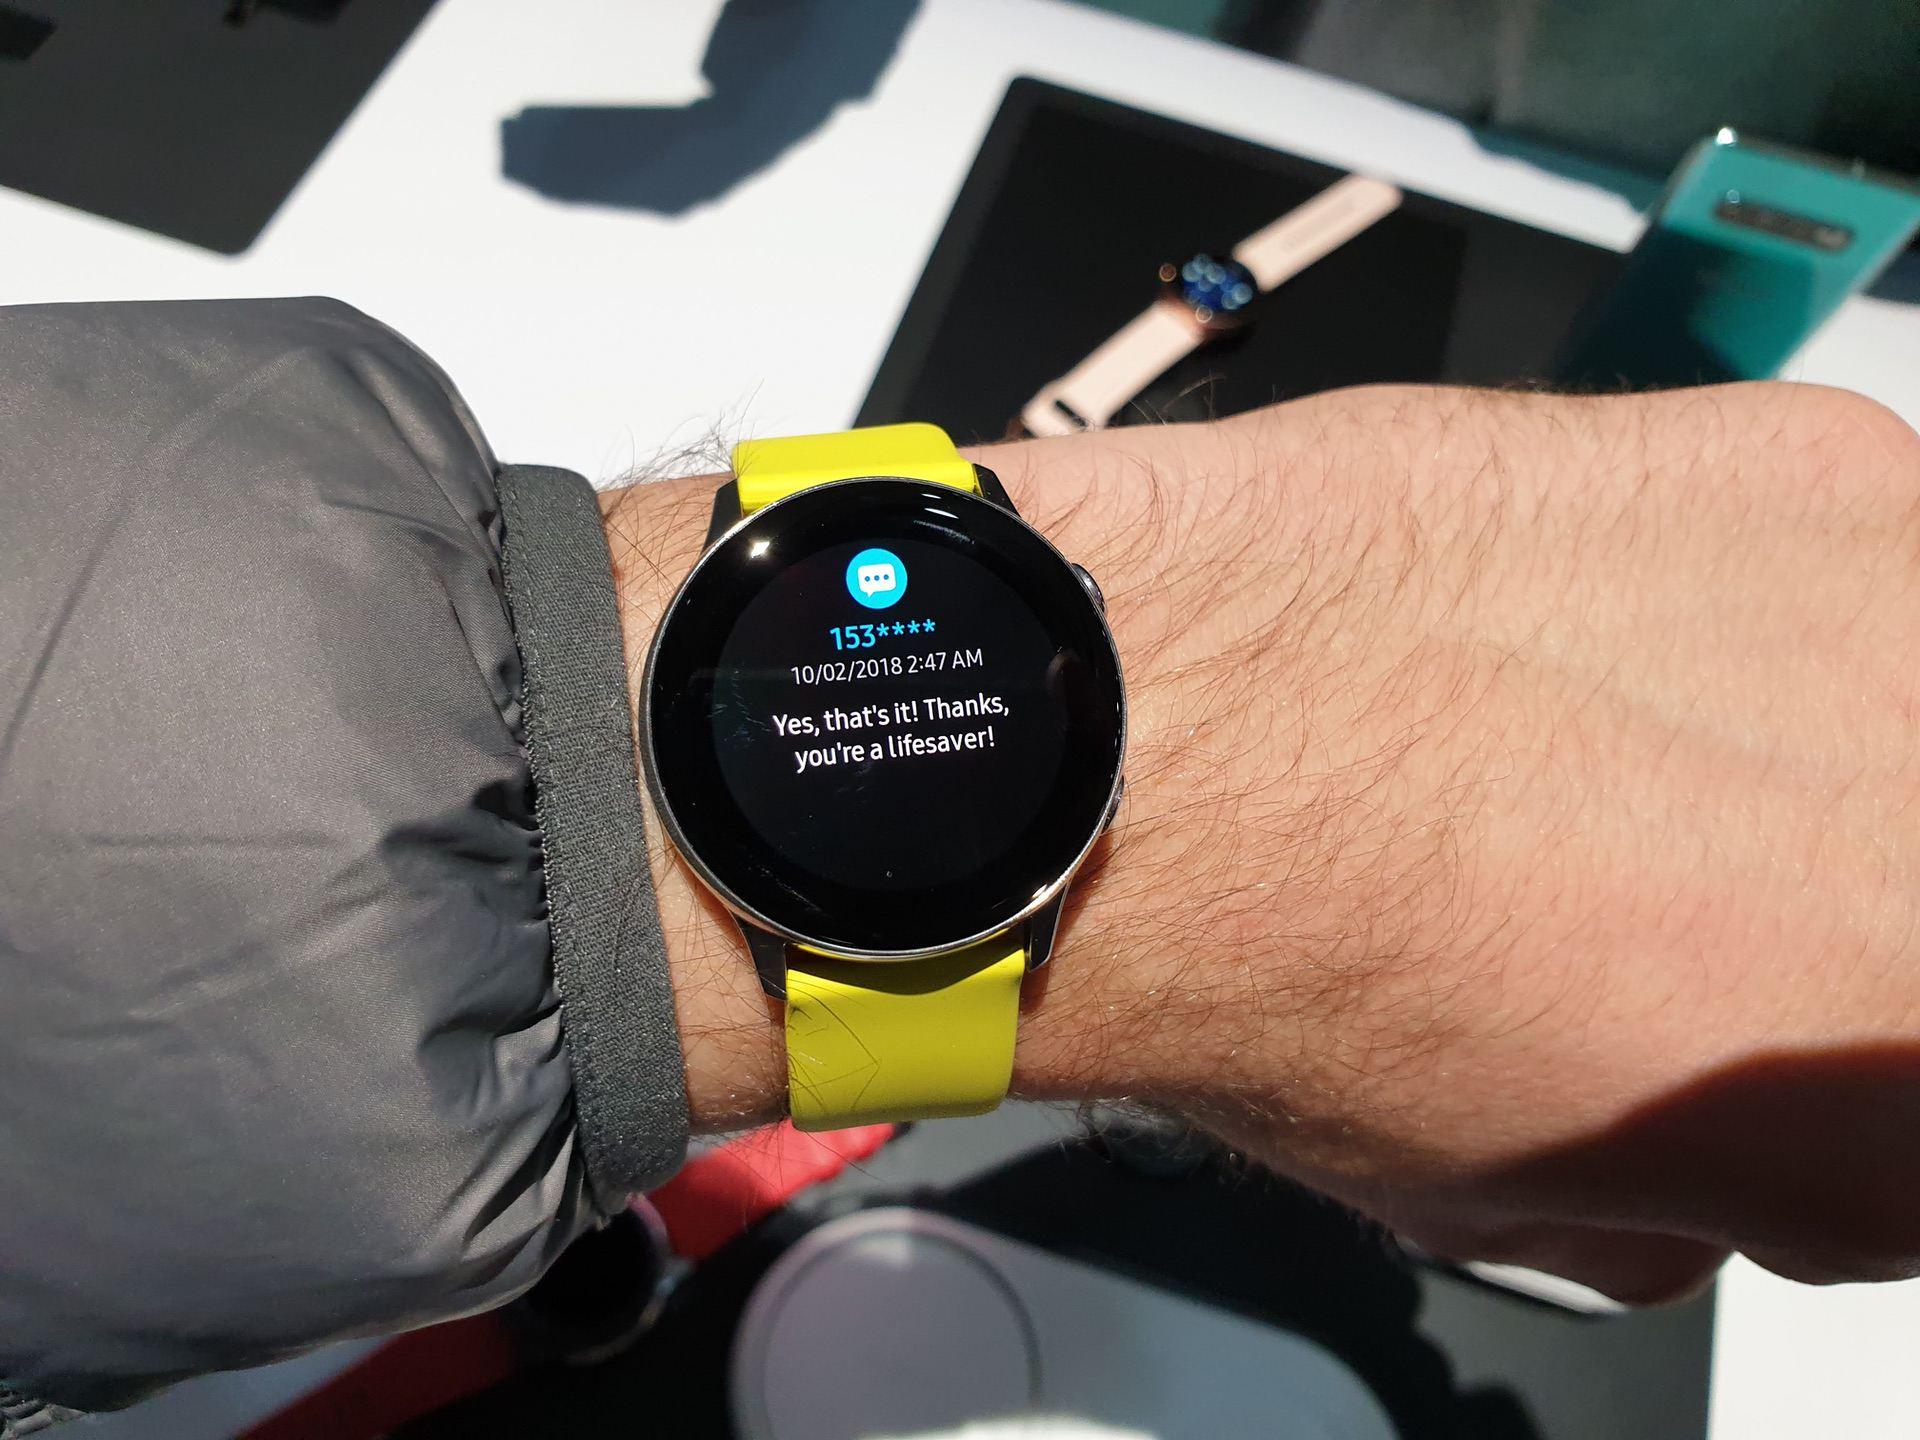 db9a17aa ... Super AMOLED дисплей в Galaxy Watch Active имеет диагональ 1,1 дюйма  при разрешении 360х360 точек. У него красочная цветопередача и широкие углы  обзора.